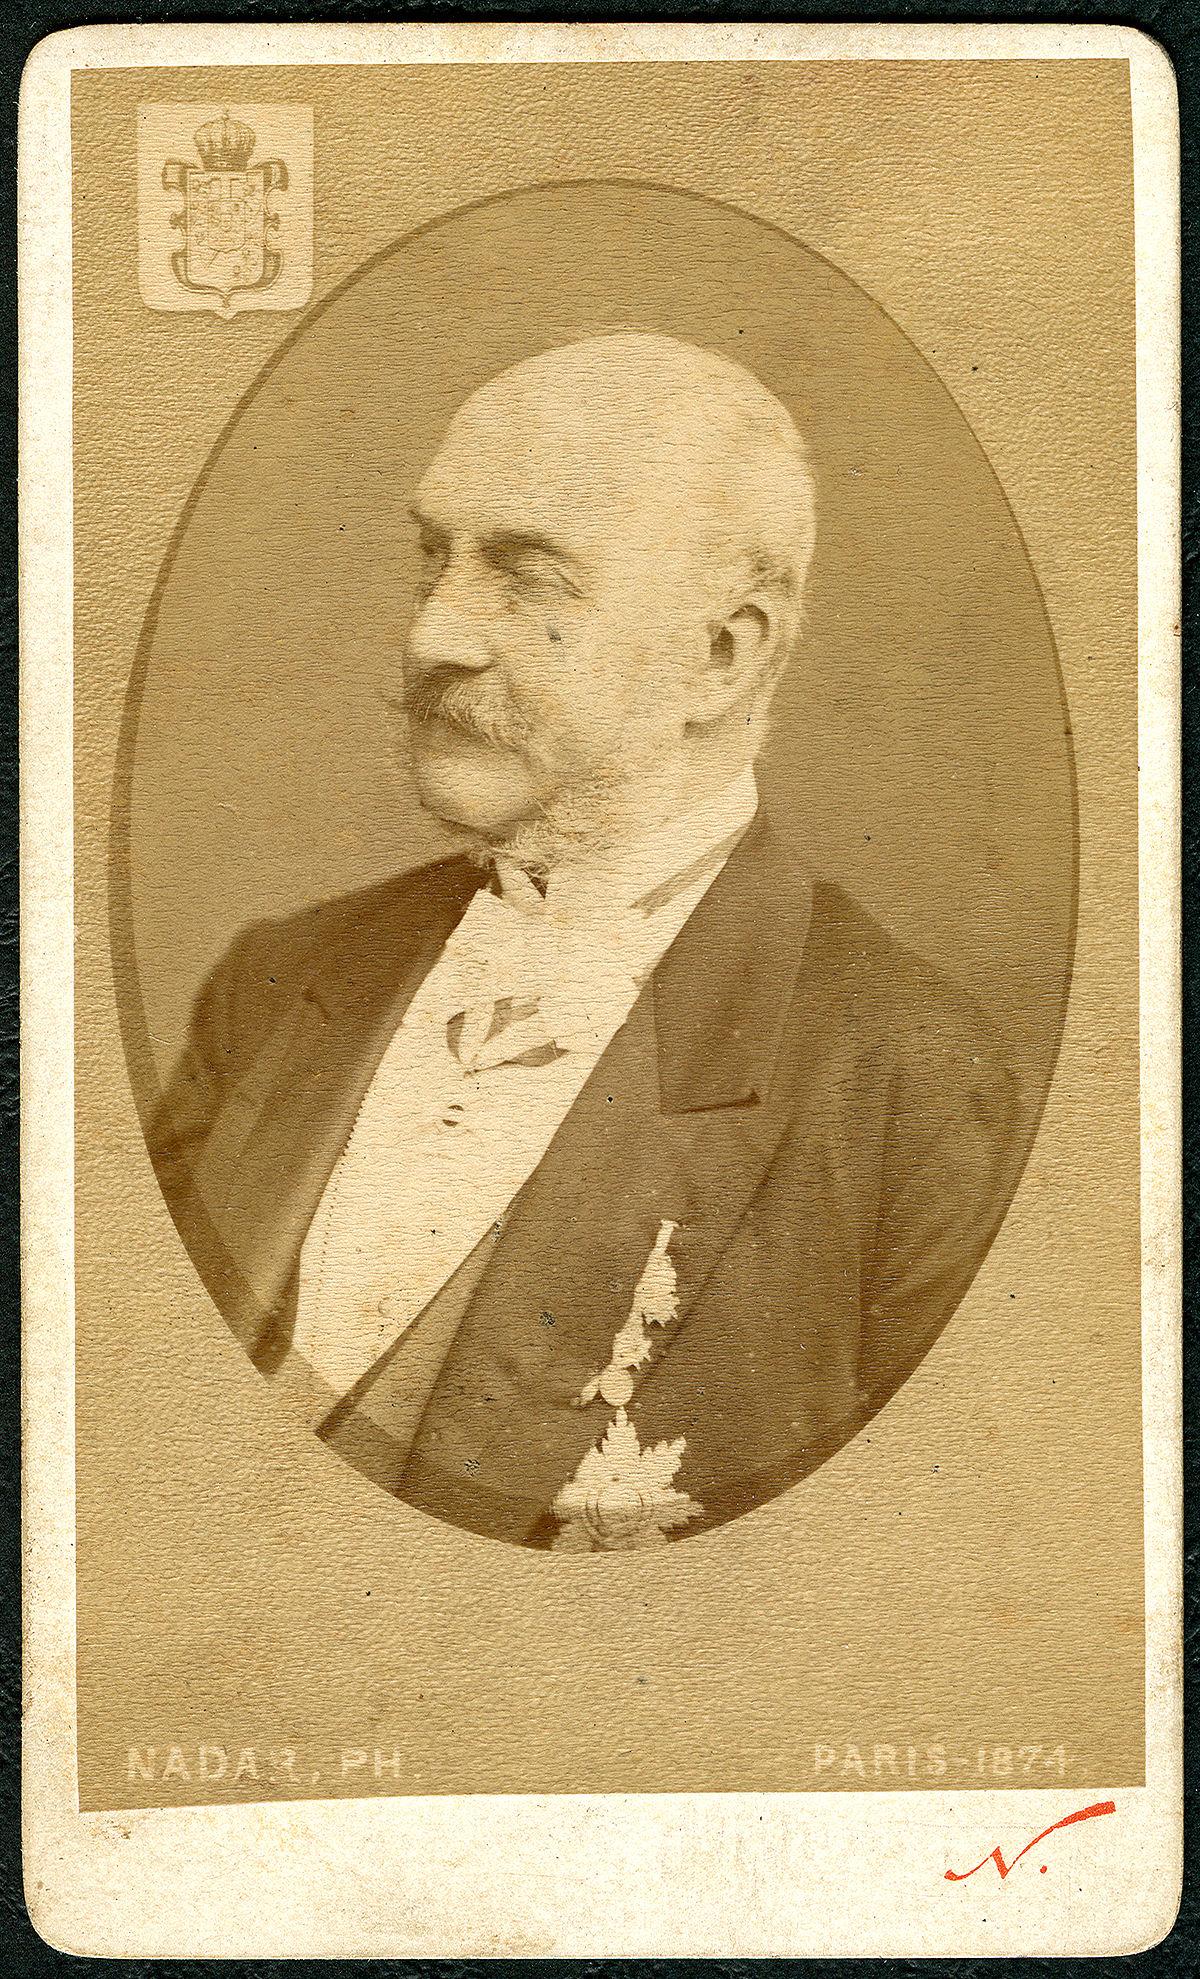 1874 Carte de Visite Georg V., König von Hannover roi de Hanover King of Hanover, Wappen T, Nadar Bildseite.jpg